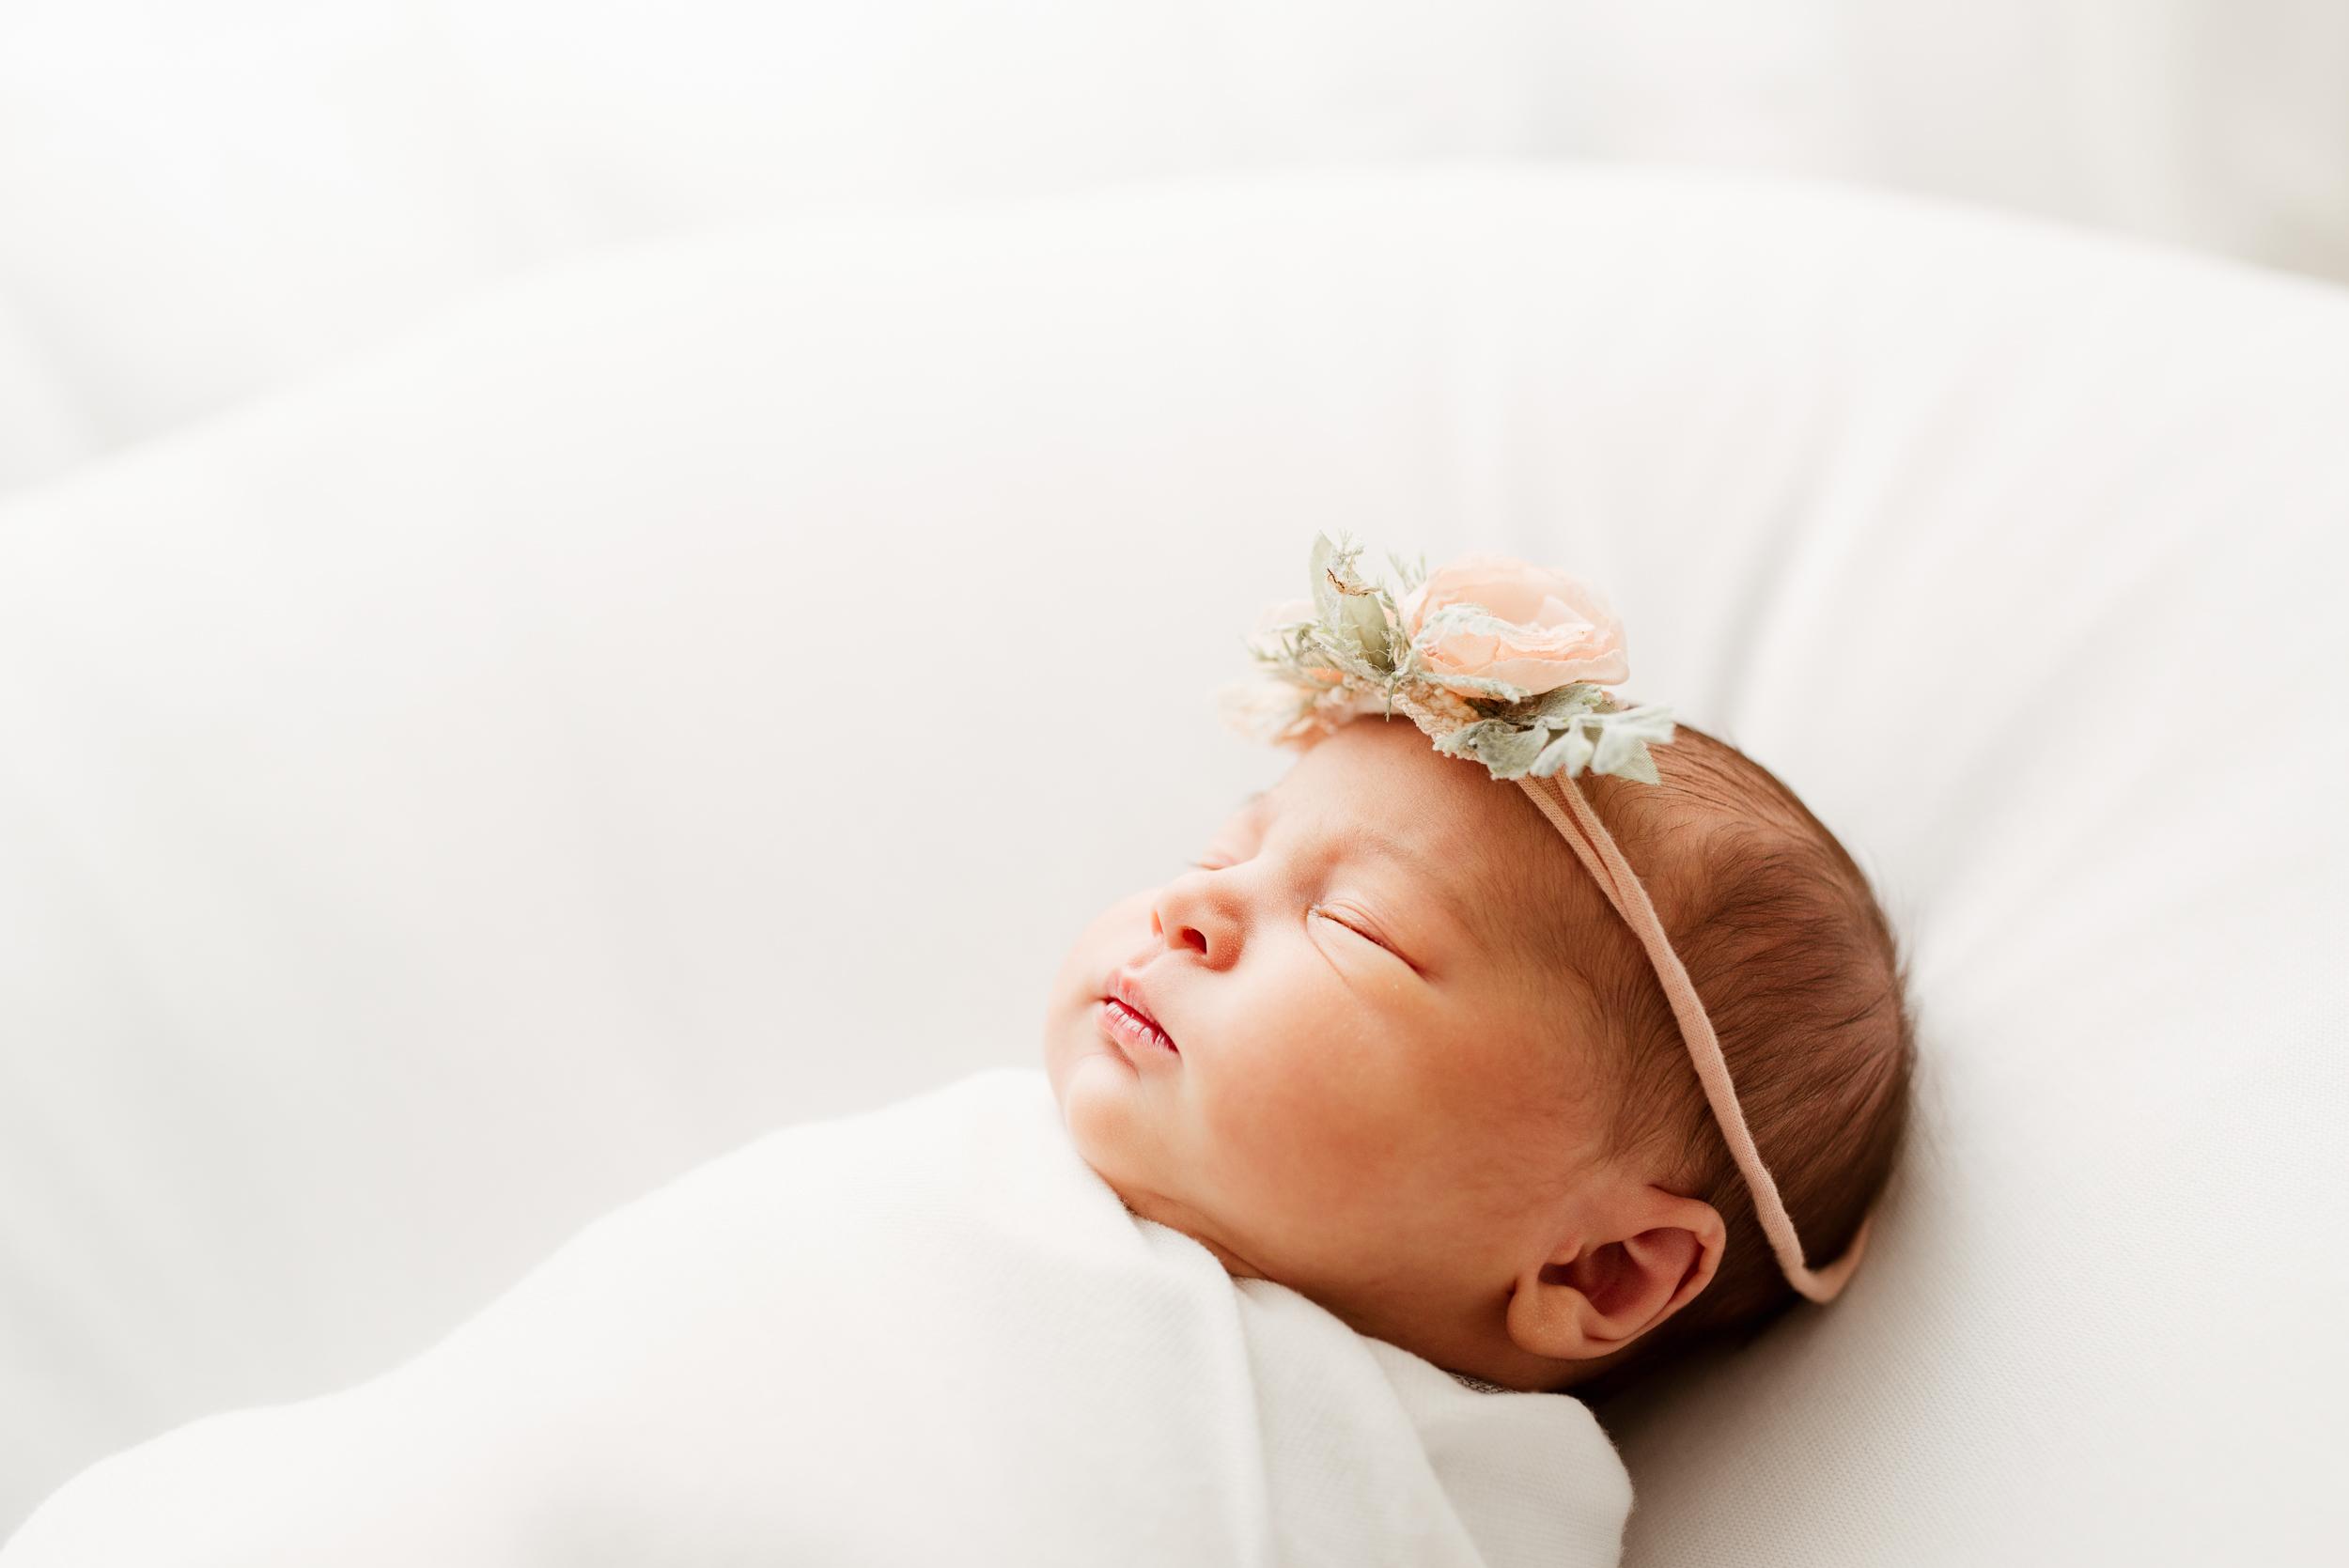 Baby Girl sleeping with headband